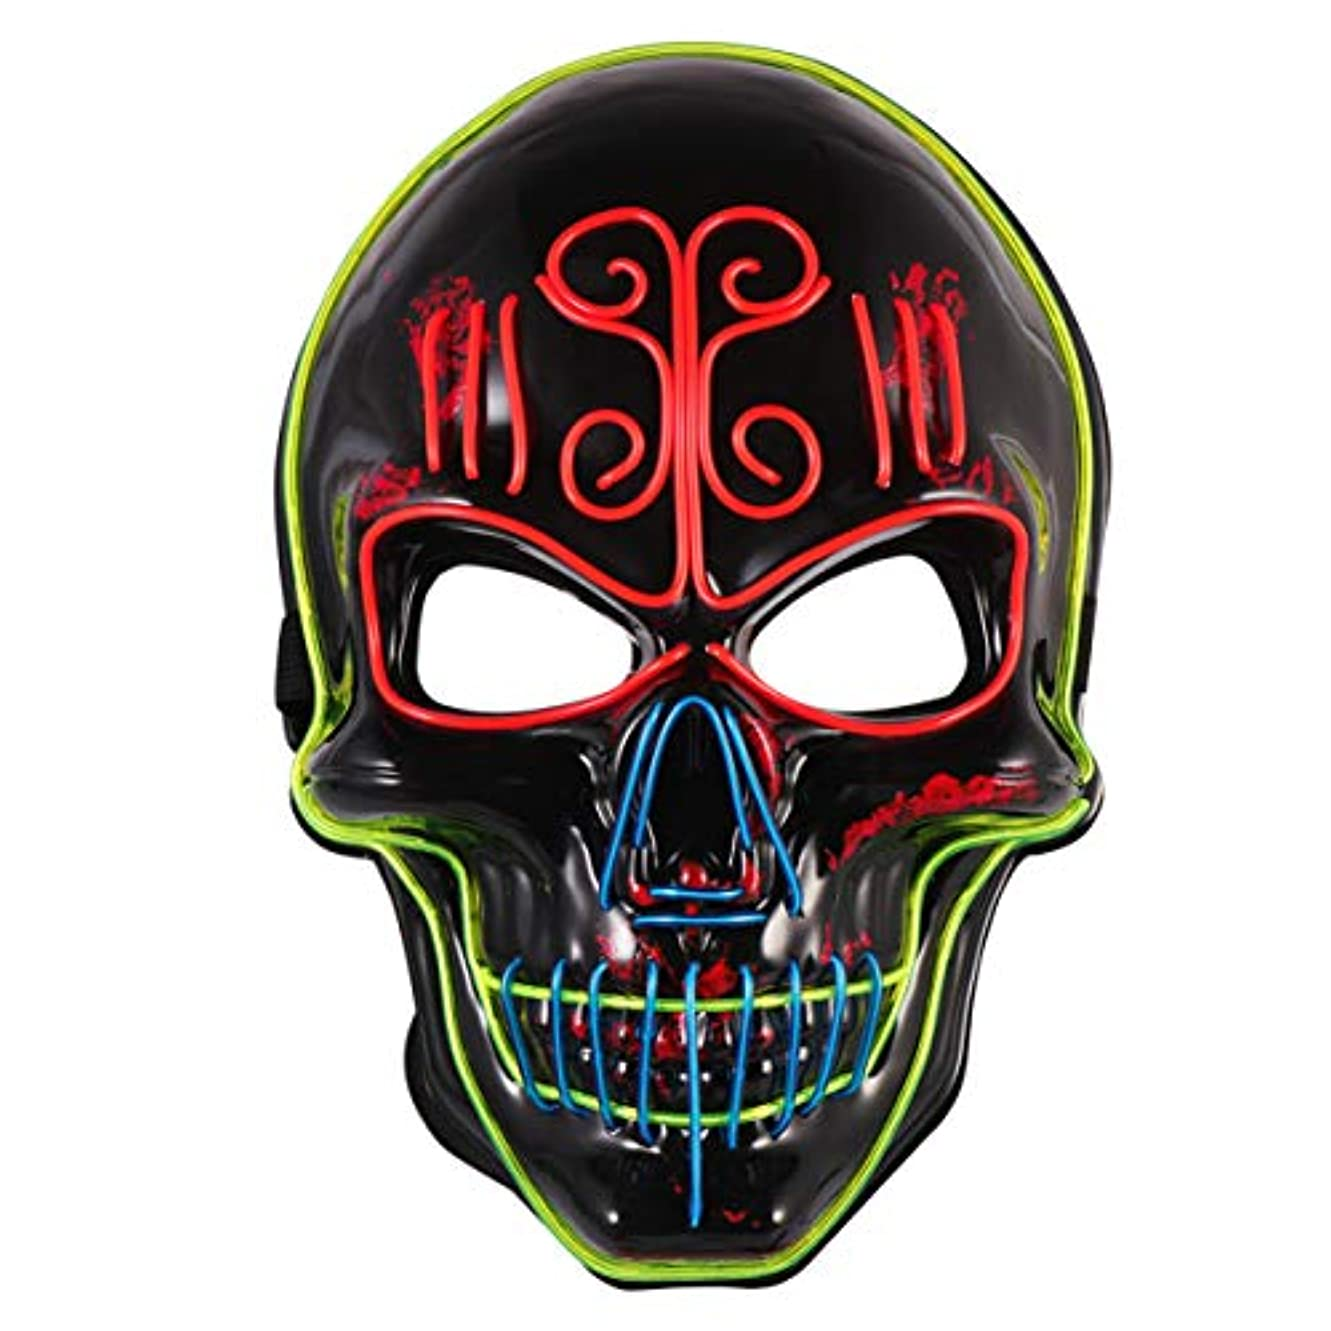 動的ながらエンジニアAmosfun ledライトマスク怖いスカルヘッドテロコスプレマスクヘッドカバー発光マスク用ファンシーパーティーハロウィンダンスパーティー